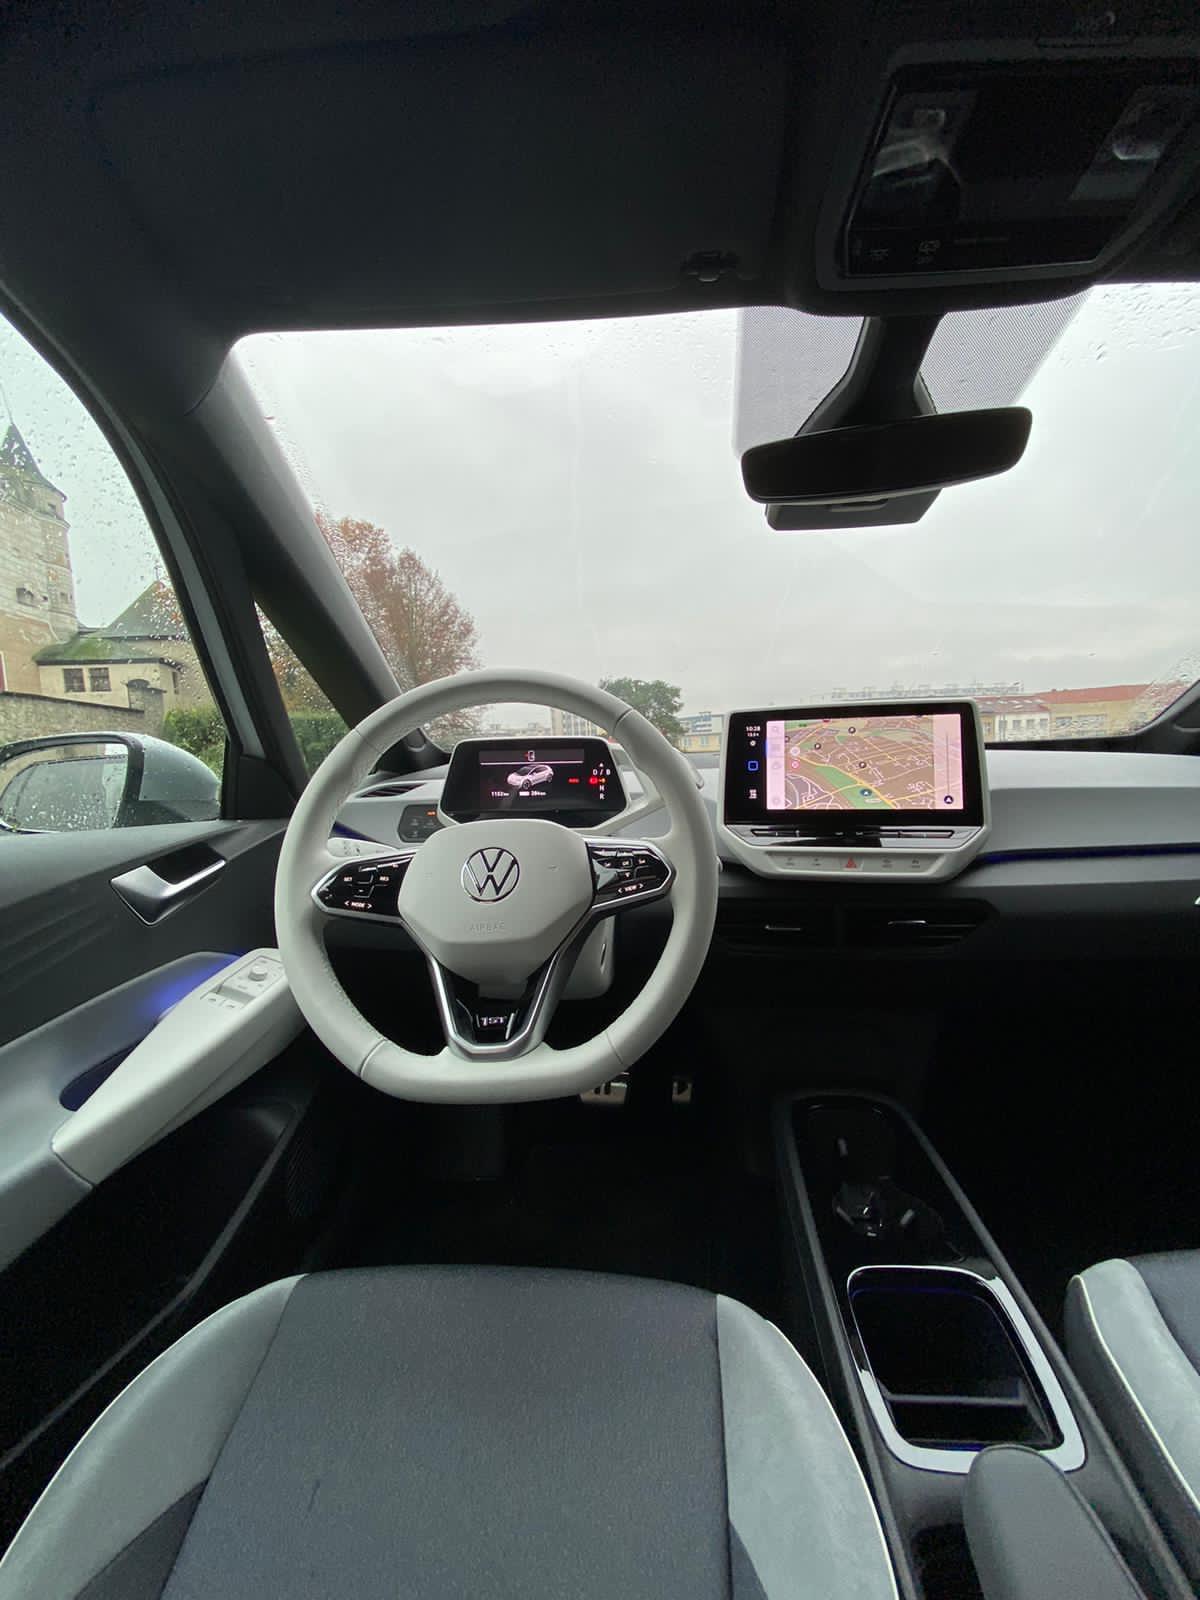 VW ID.3- pôsobi vizuálne hodnotnejšie a atraktívnejšie s bielym plastami, volantom,...